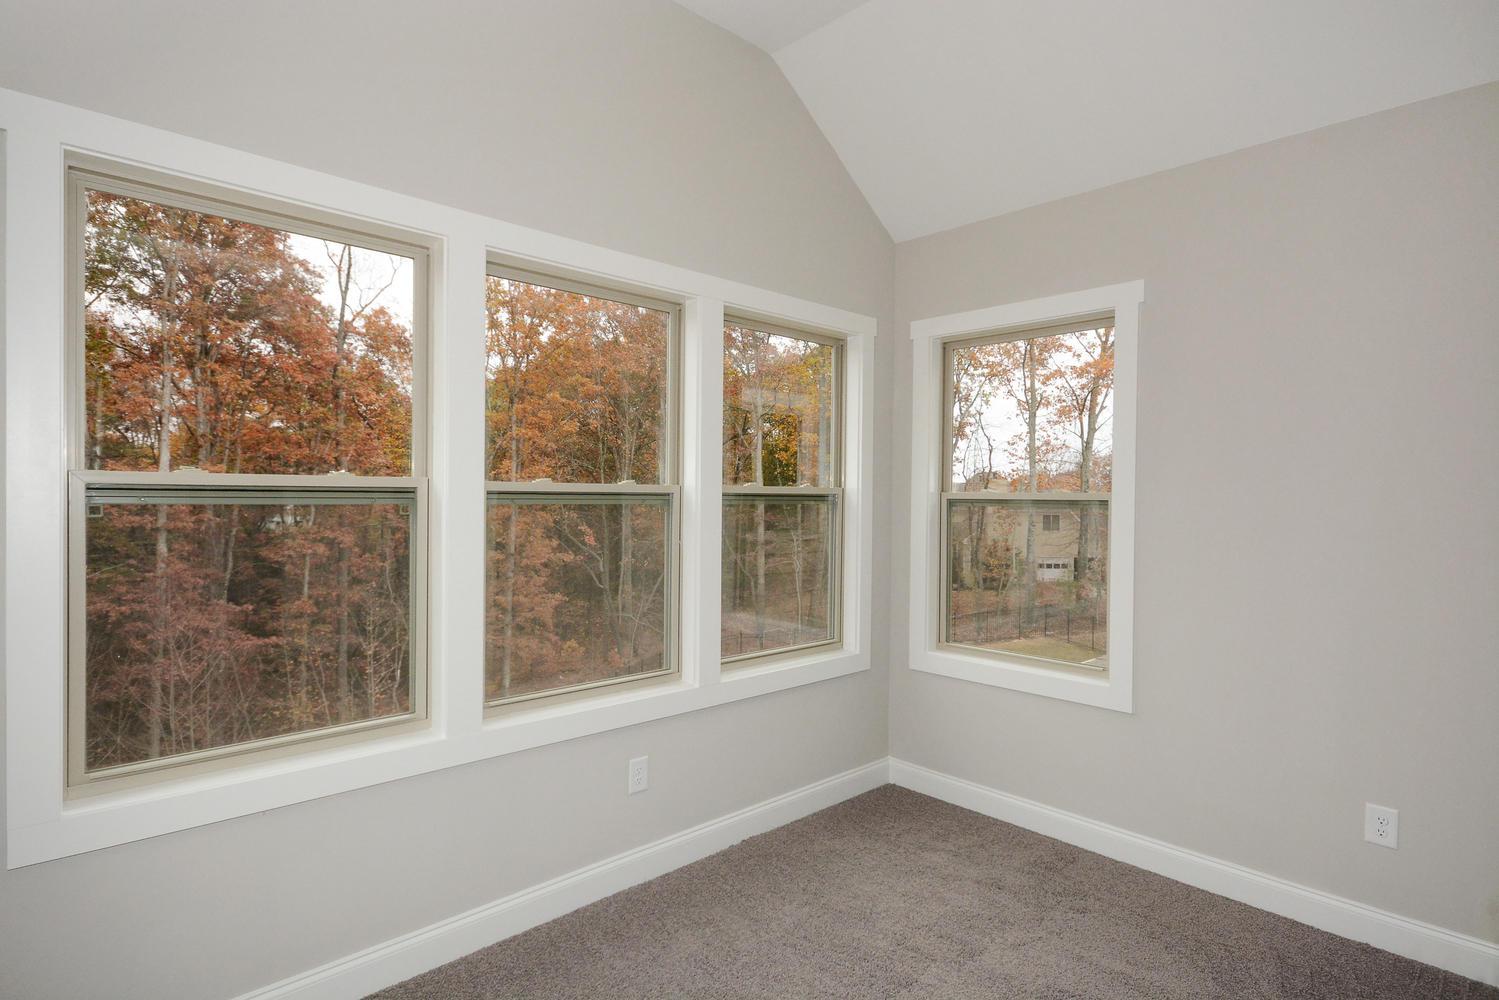 Dunes West Homes For Sale - 2919 Eddy, Mount Pleasant, SC - 9